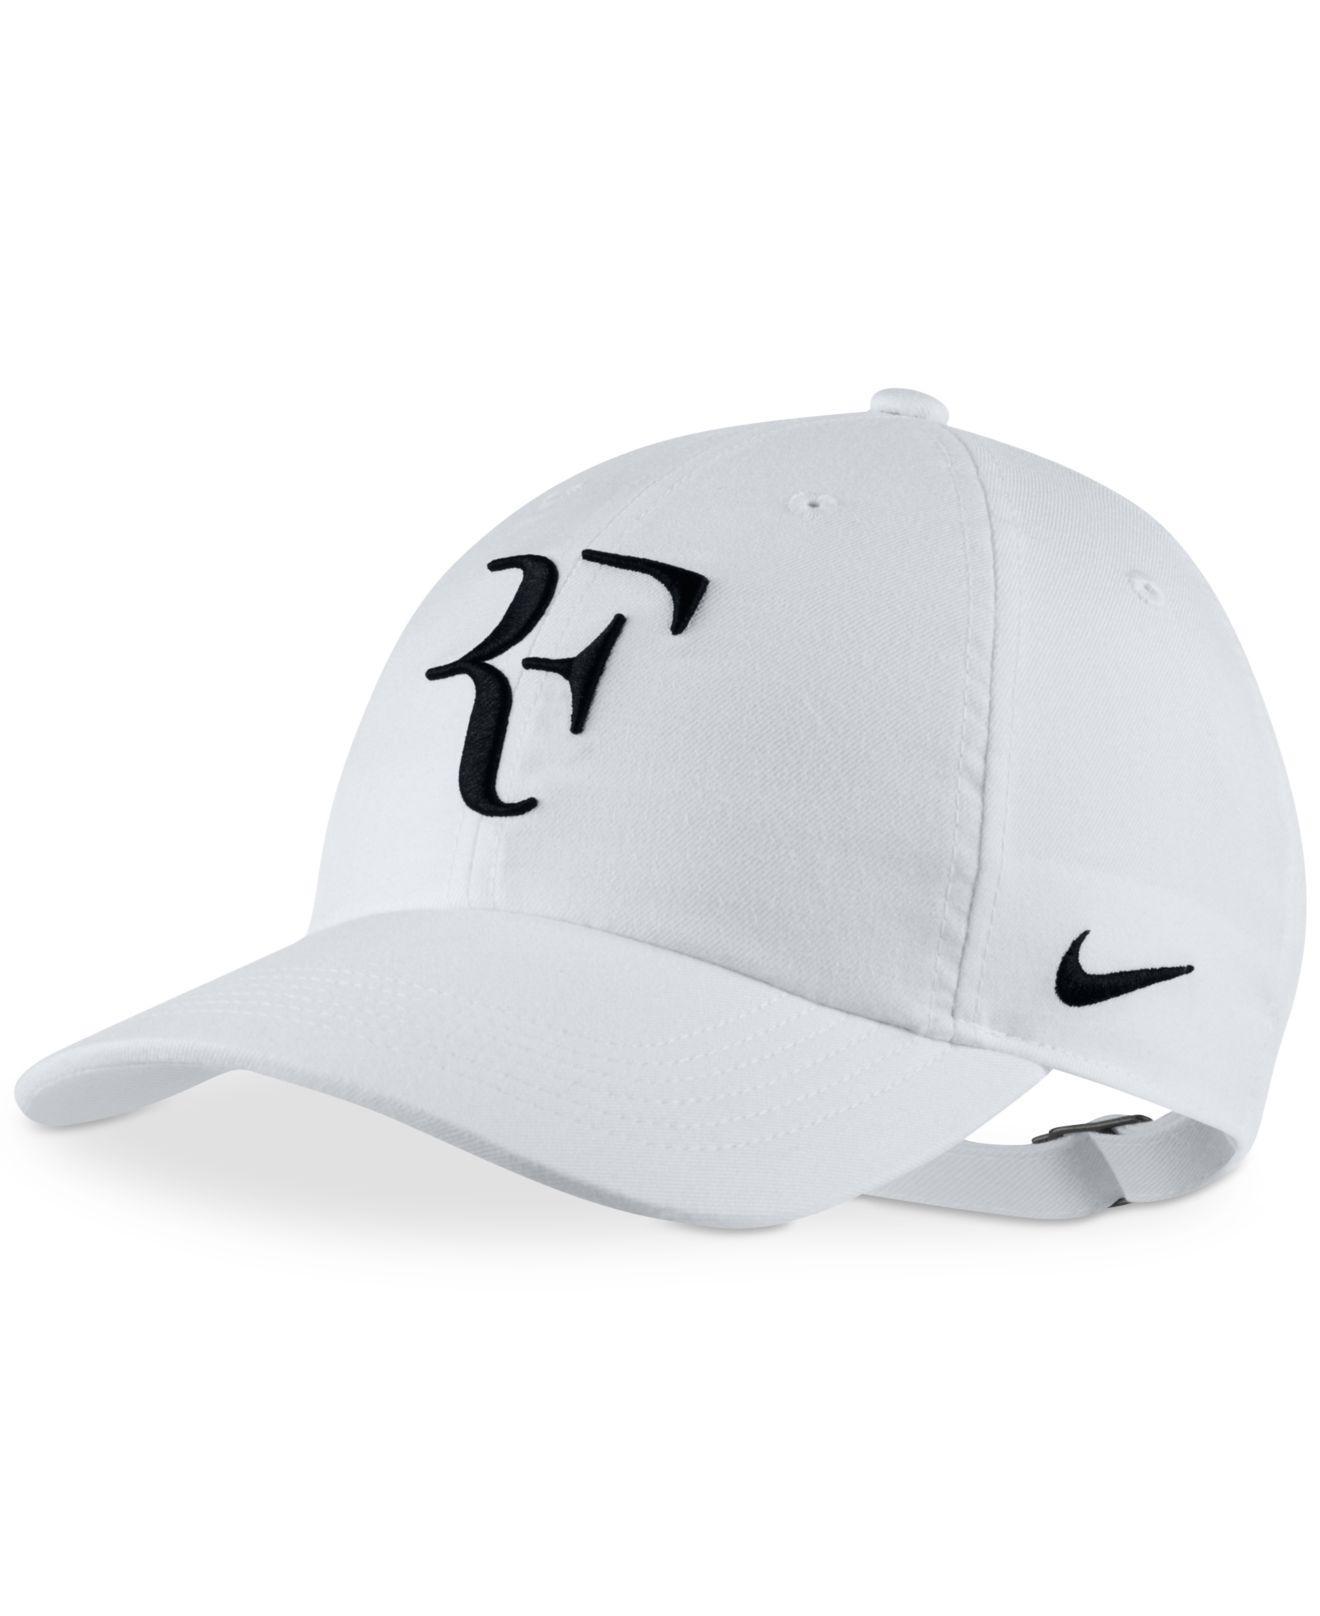 dd926cdf32629 Lyst - Nike Court Federer Tennis Hat in White for Men